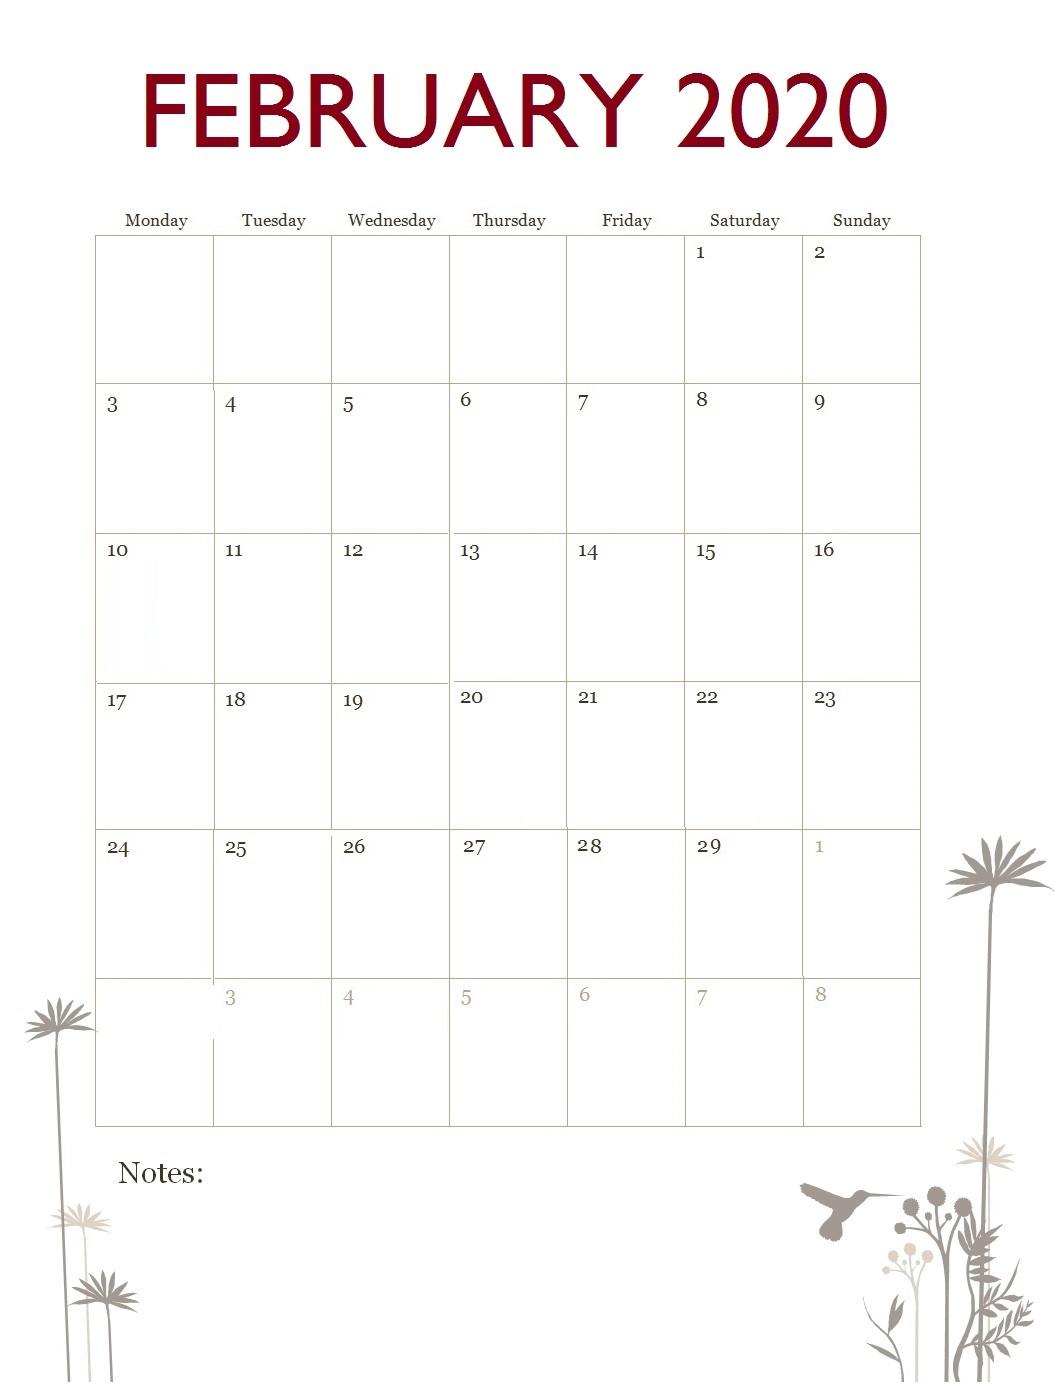 February 2020 Office Desk Calendar